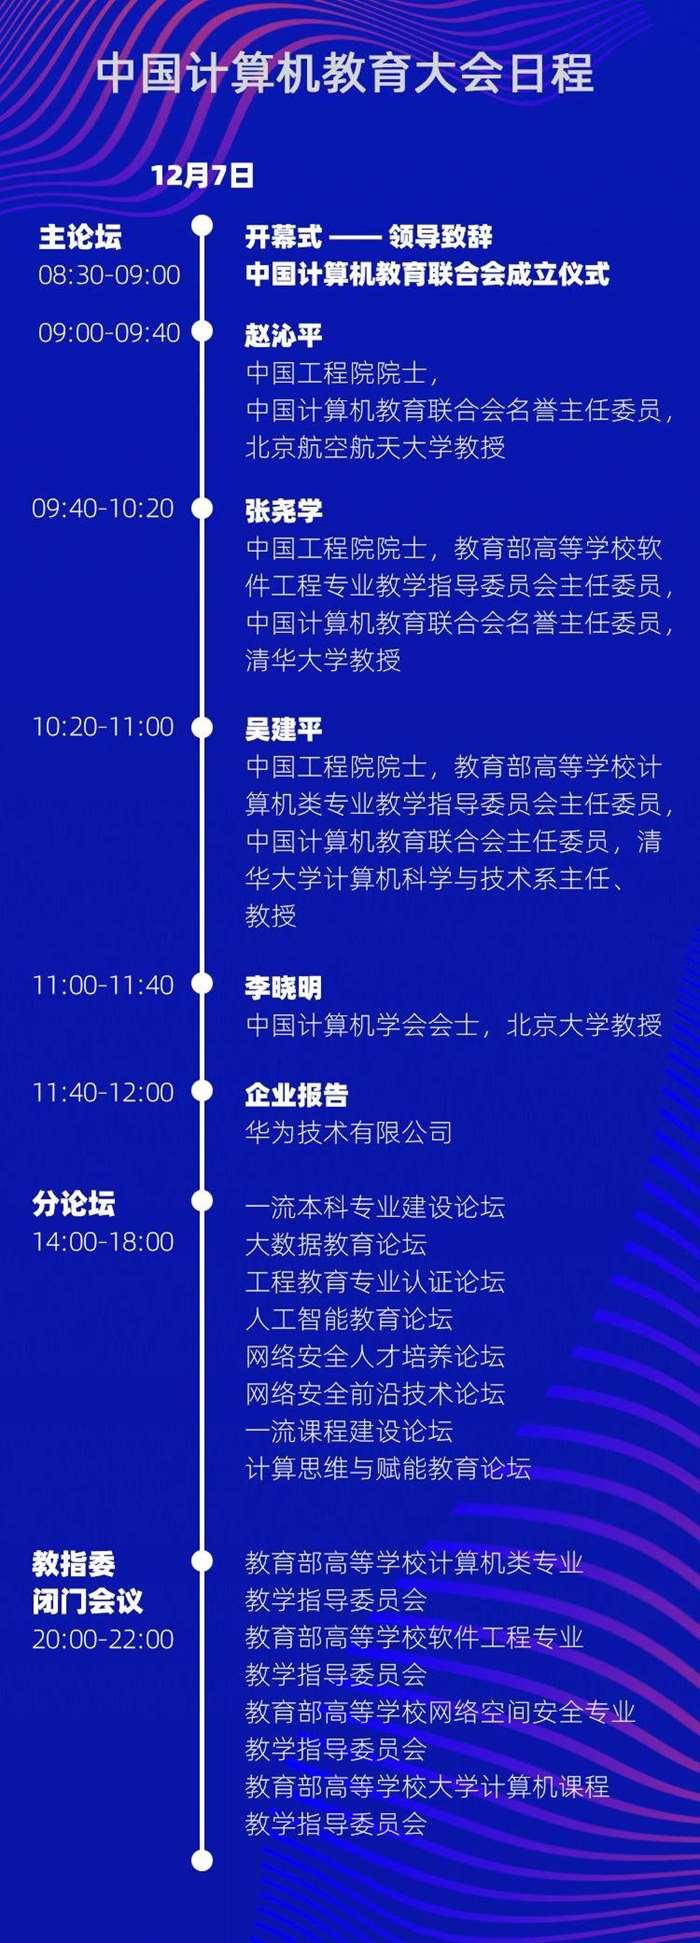 计算机教育大会12.7日程新.jpg